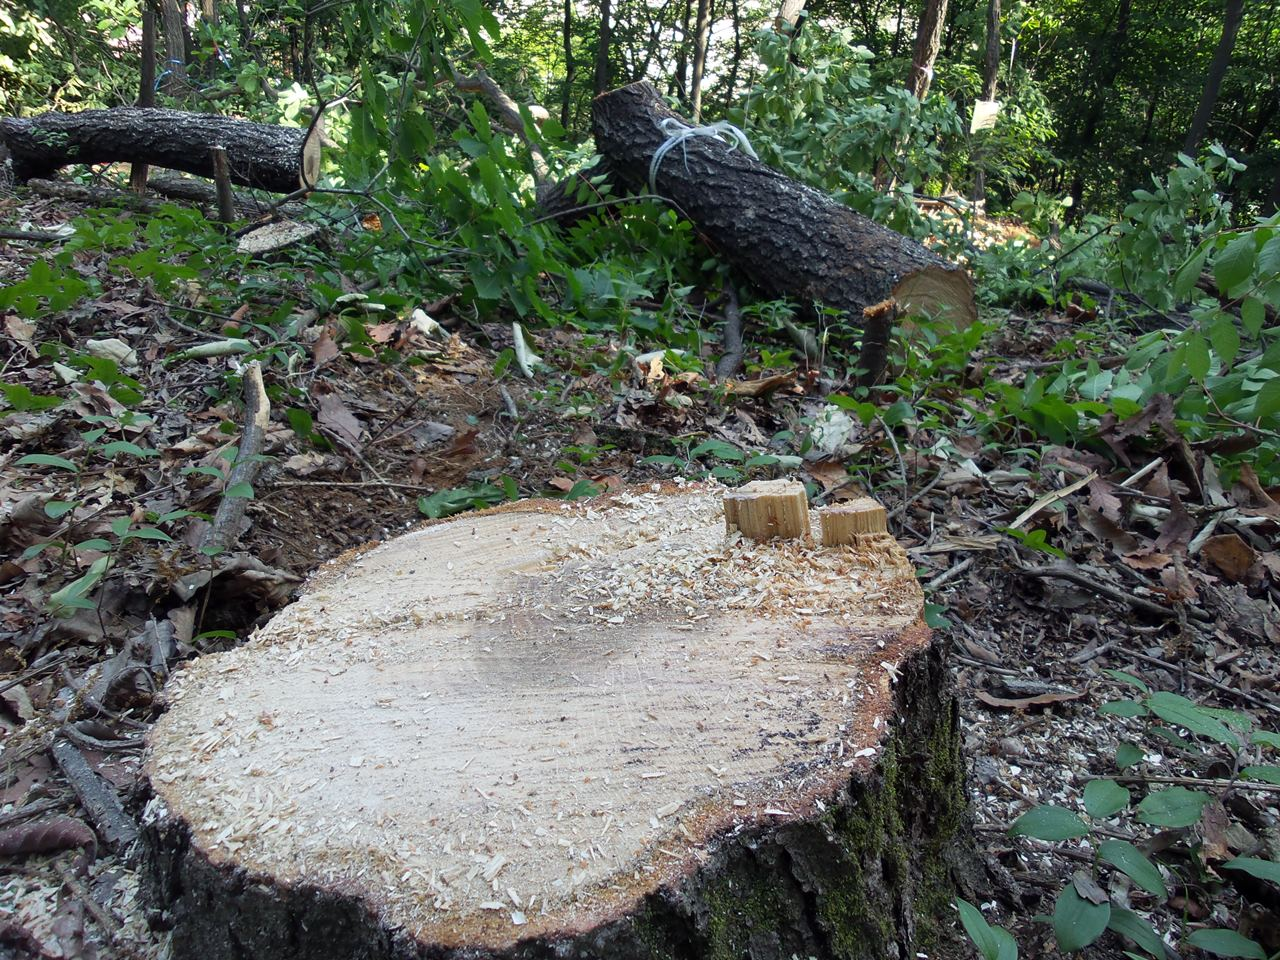 초등학생들이 숲체험을 오르는 학교 앞 숲의 나무들이 잘려나갔다. 학부모들과 학생들이 더 이상의 숲 파괴를 막고자 등교 거부를 시작한 것이다.